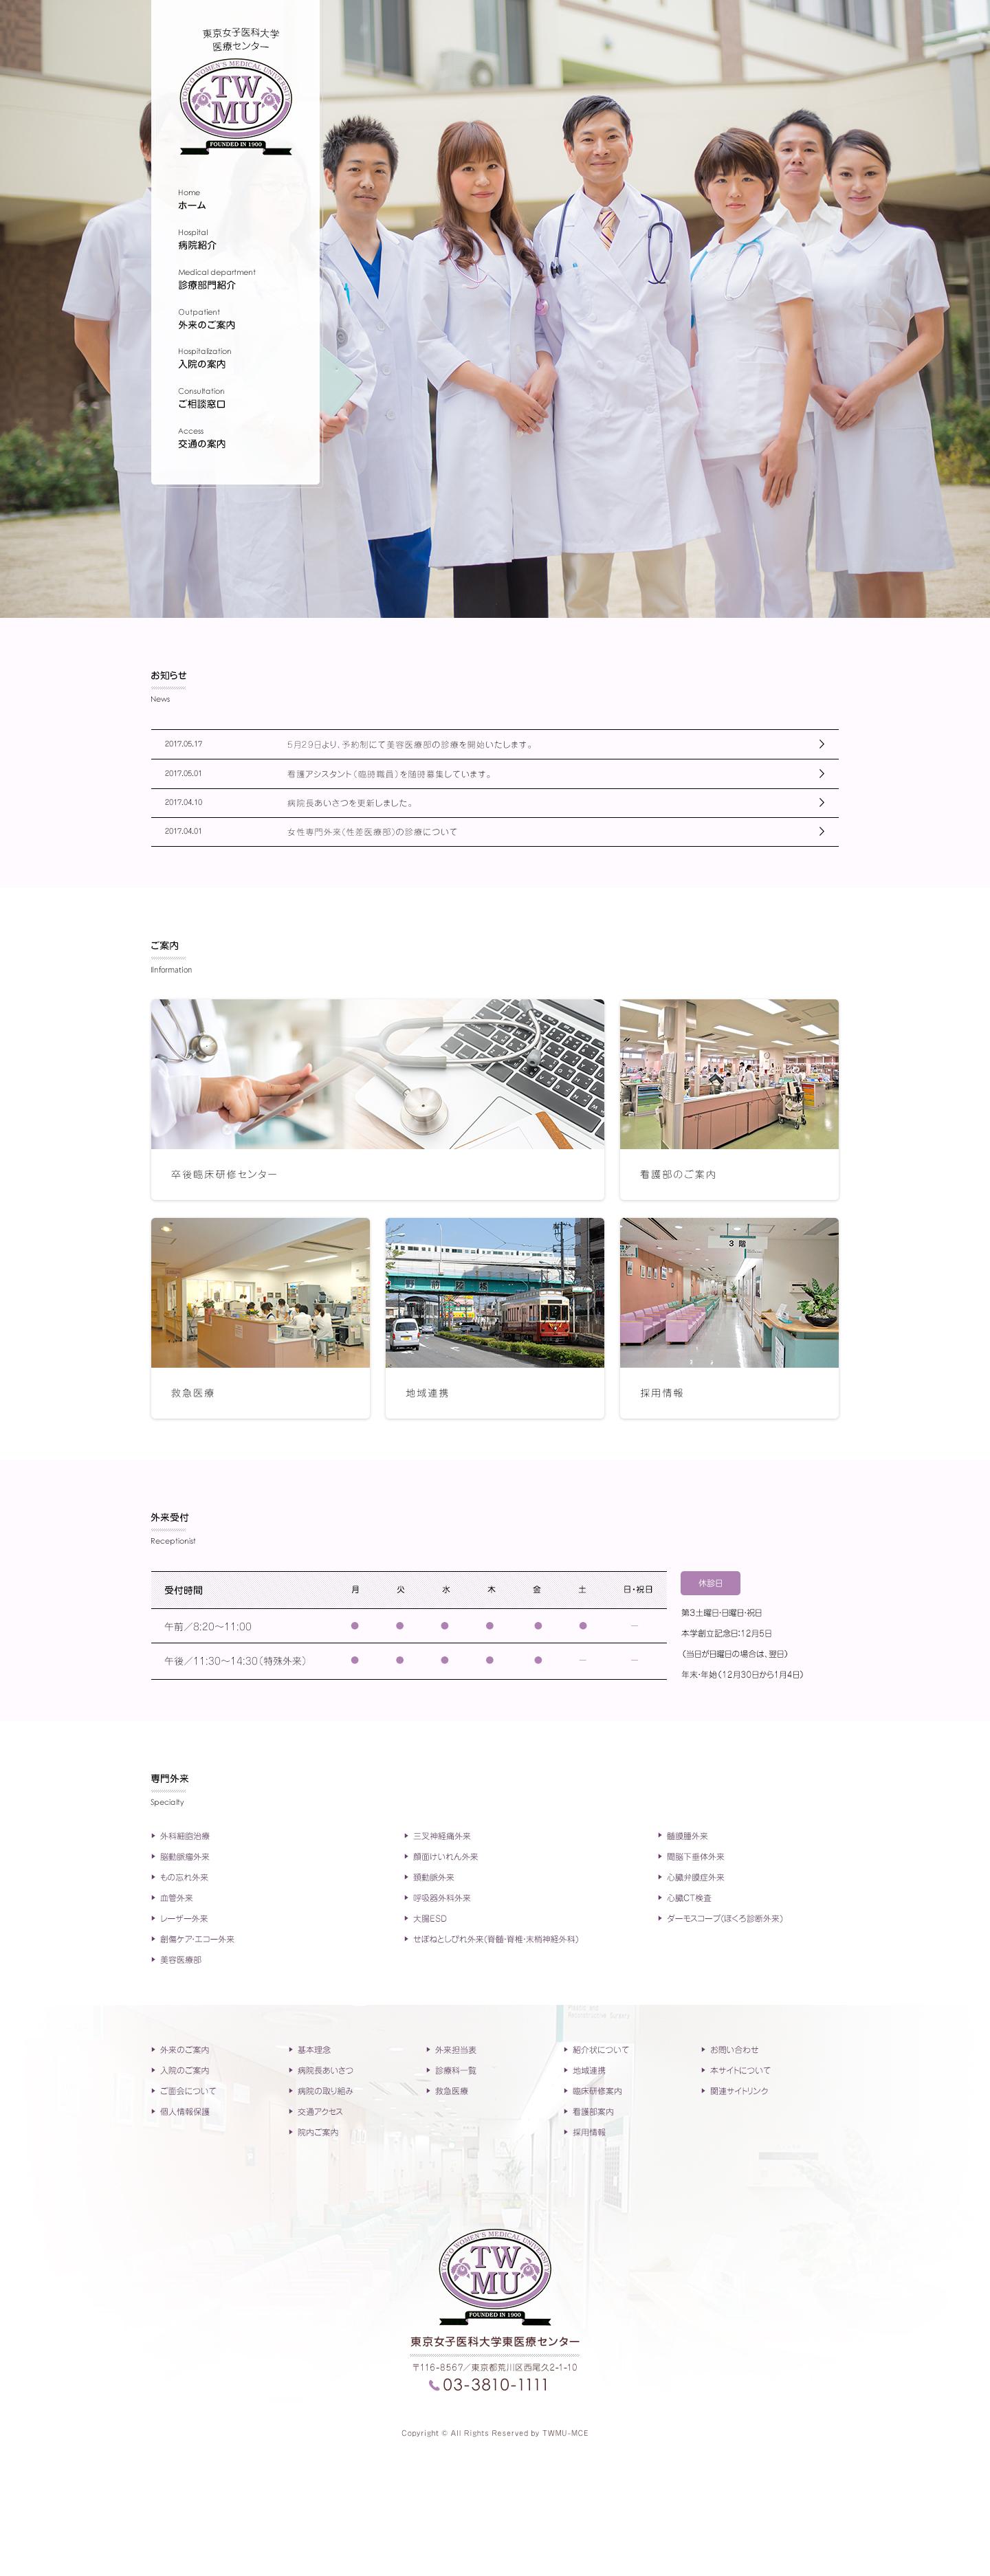 大学病院サイトのトップページデザイン